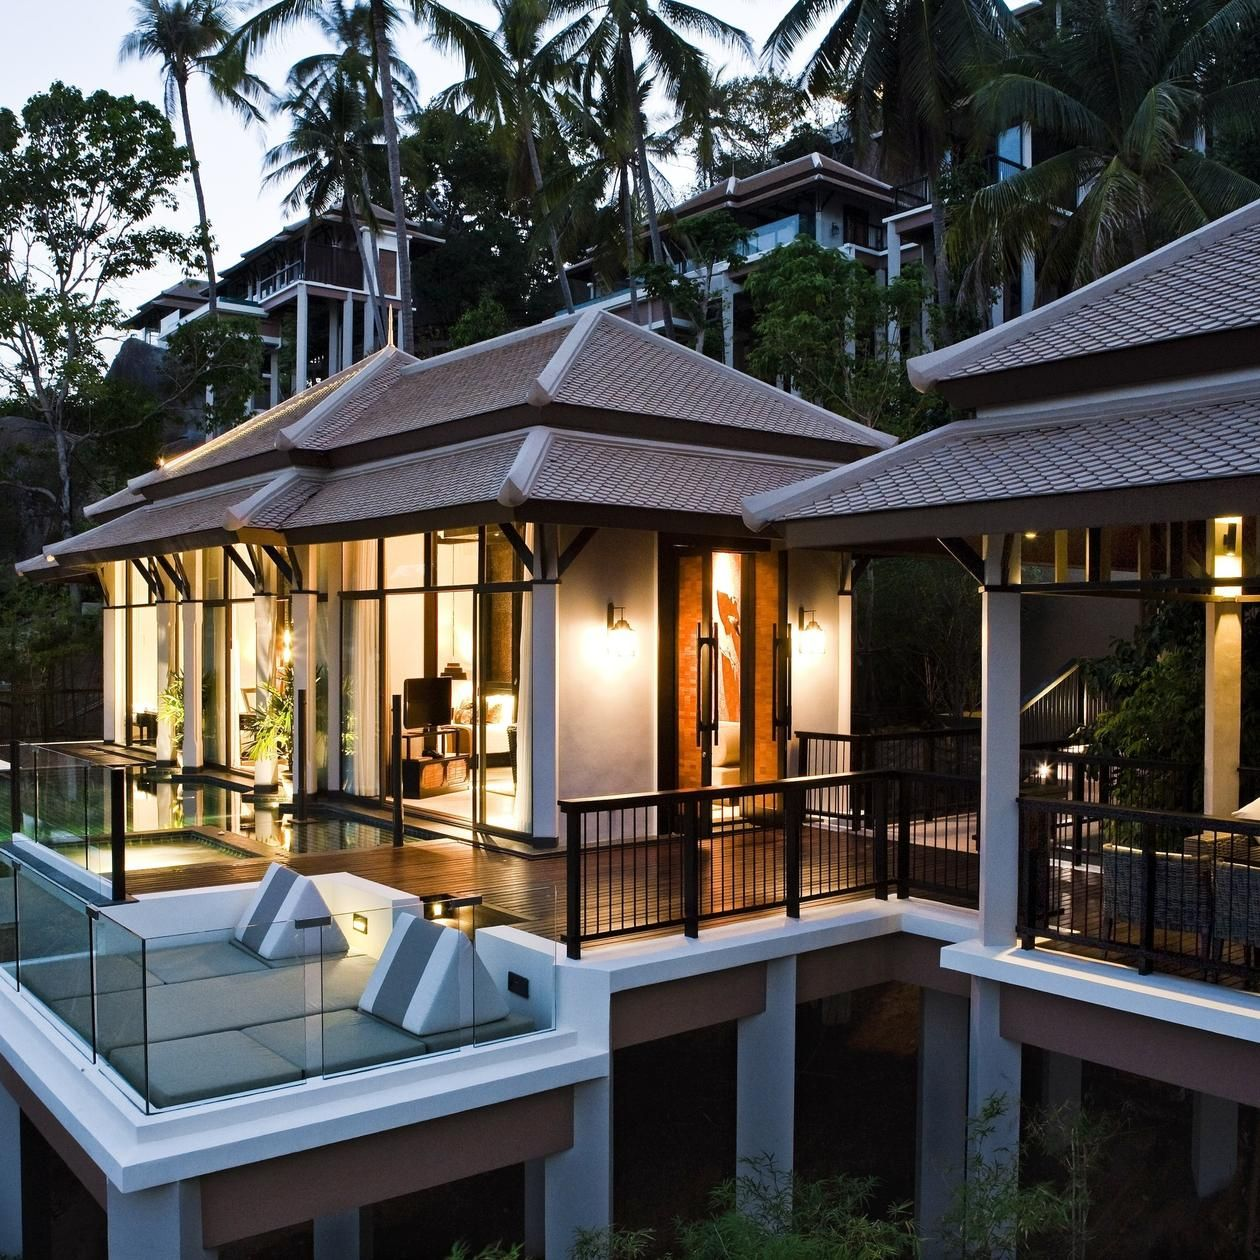 Banyan Tree Samui (Koh Samui, Thailand Koh Samui